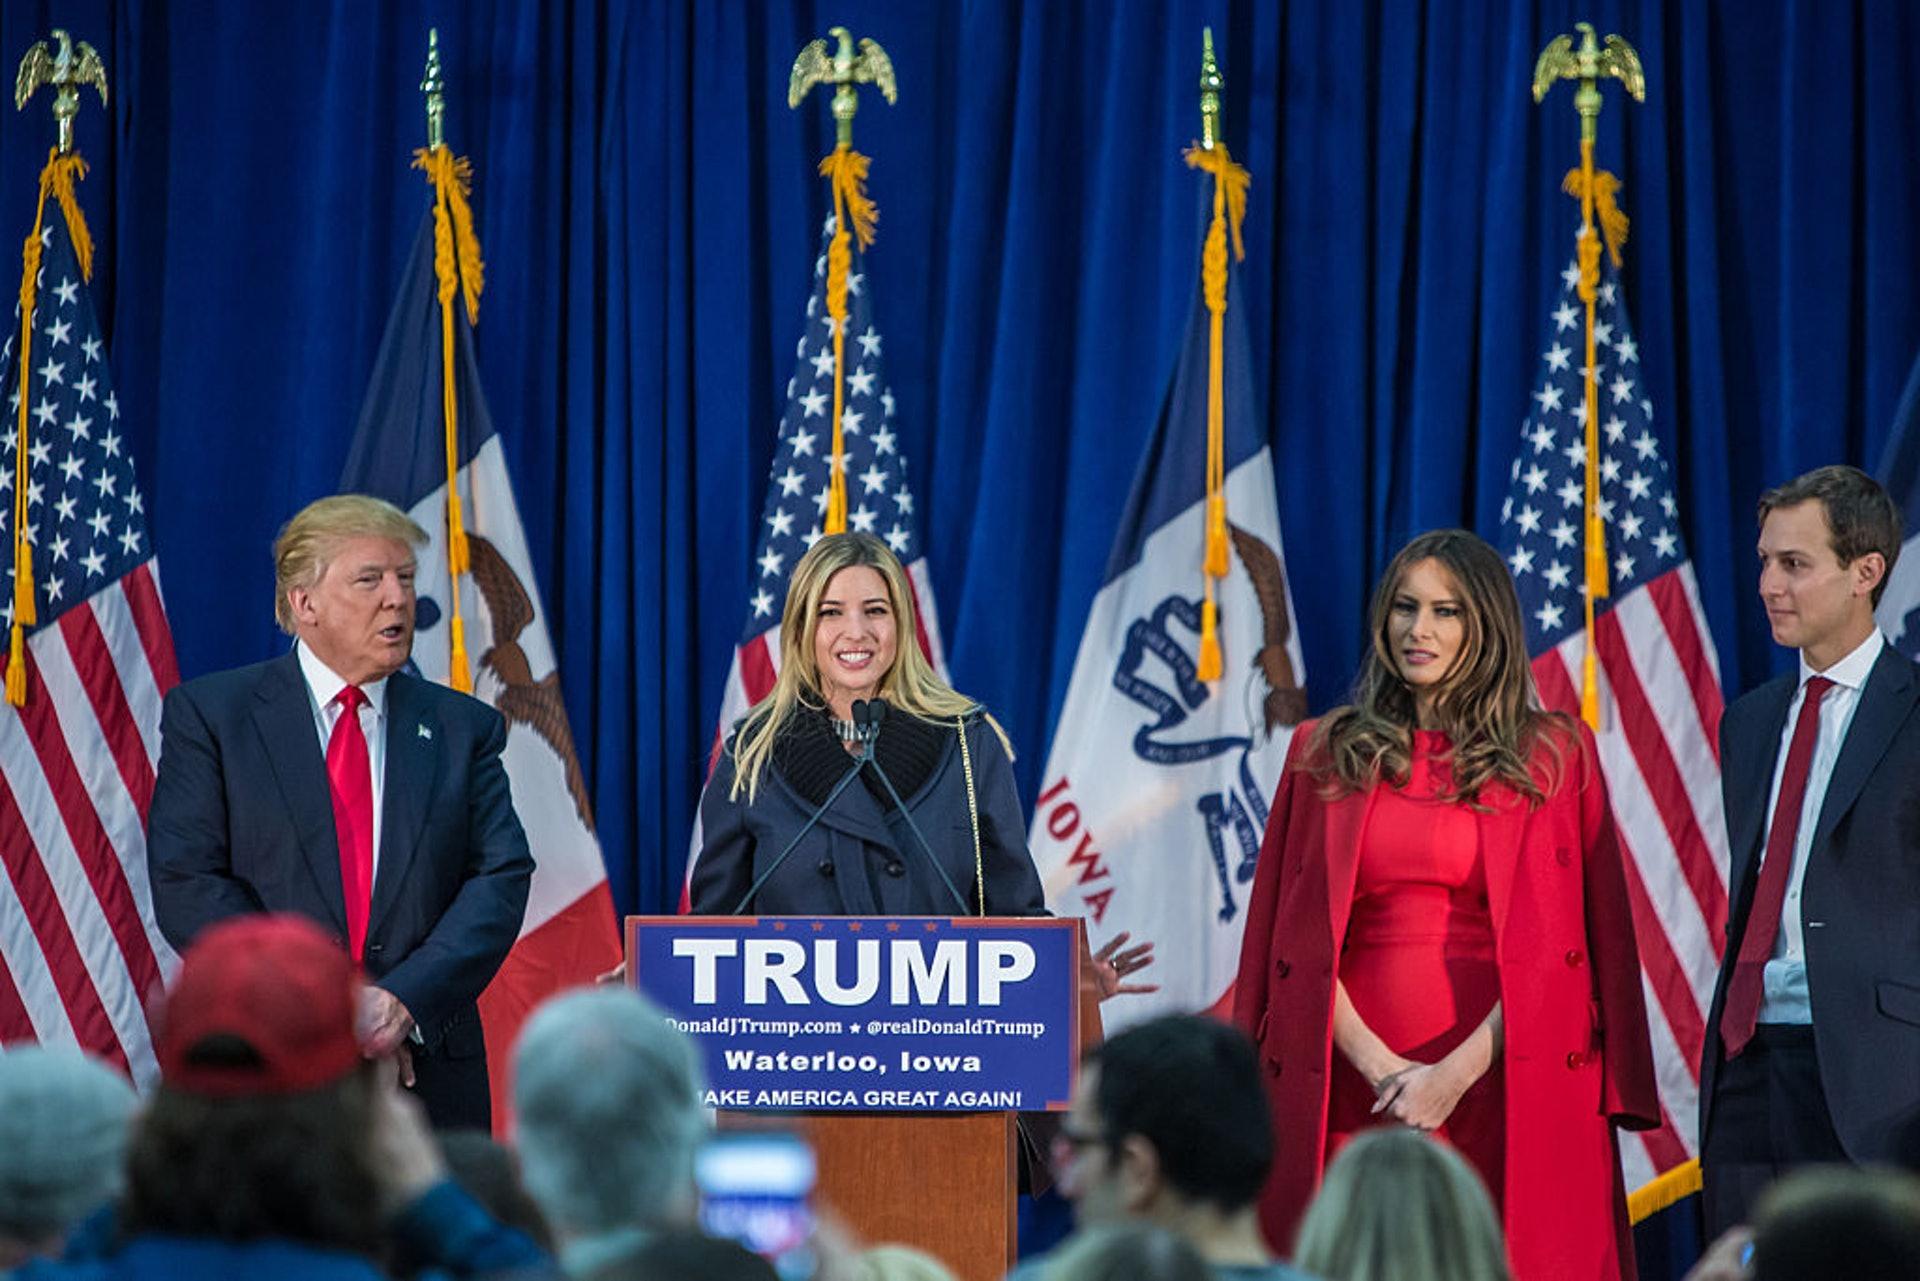 美國第一千金伊萬卡:伊萬卡2016年7月21日在俄亥俄州克利夫蘭快速貸款體育館(Quicken Loans Arena)出席共和黨全國代表大會,為特朗普站台。(Getty)